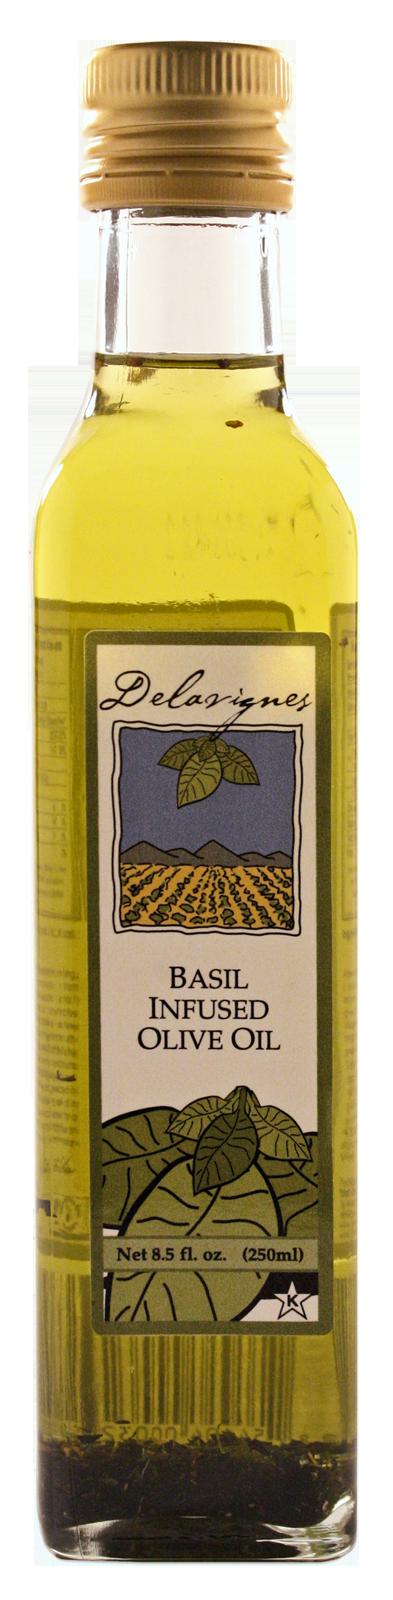 Olive Oil Factory Basil Olive Oil